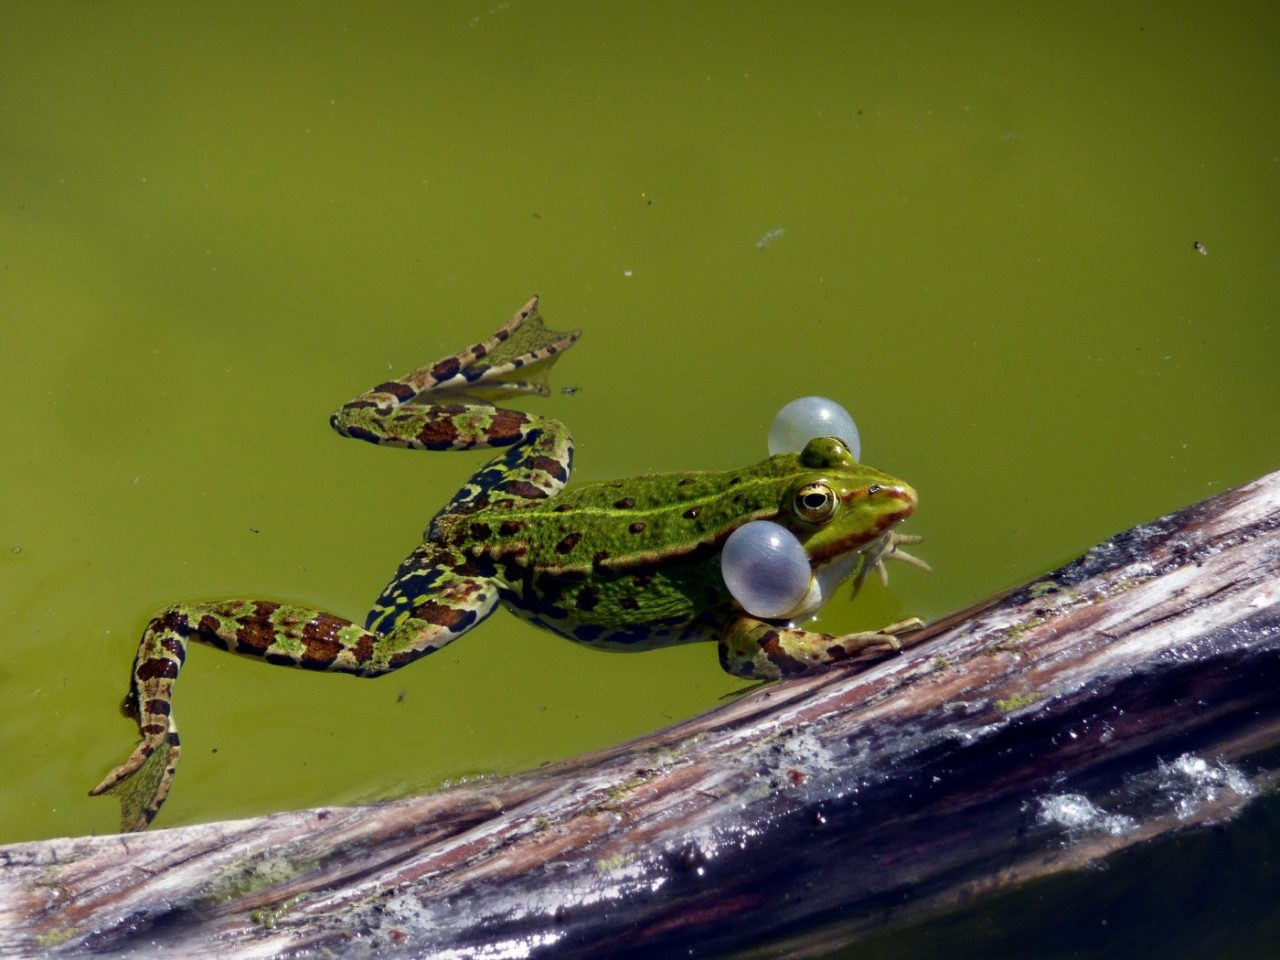 Grünes Wasser im Teich